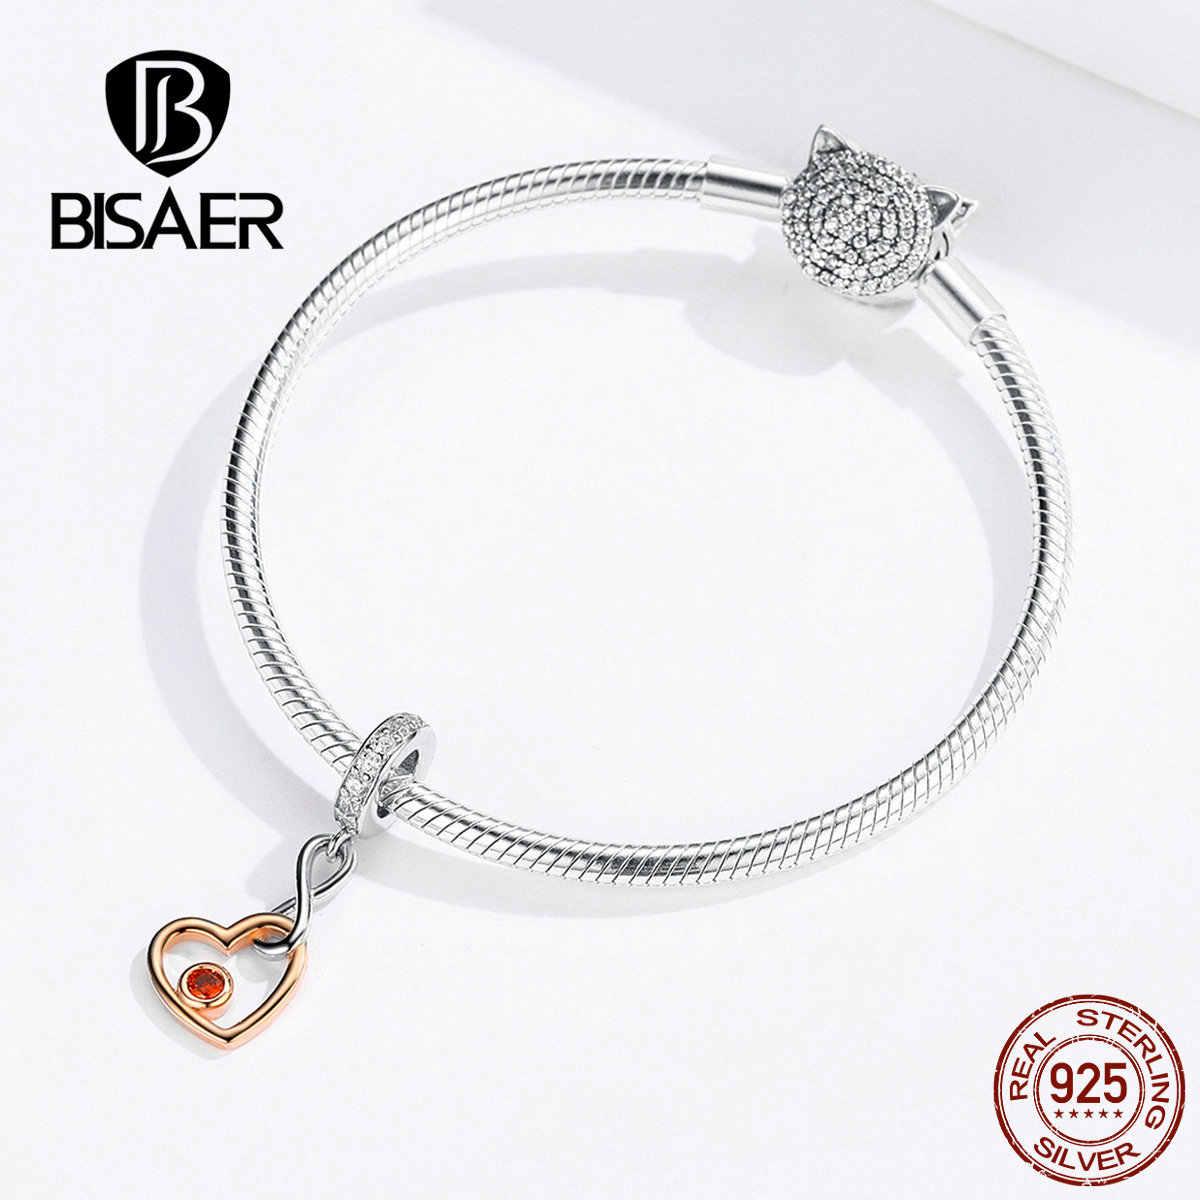 BISAER 100% 925 Sterling Silver Infinity ลูกปัดหัวใจรัก Charms พอดี Charm สร้อยข้อมือเงิน 925 เครื่องประดับ ECC1239